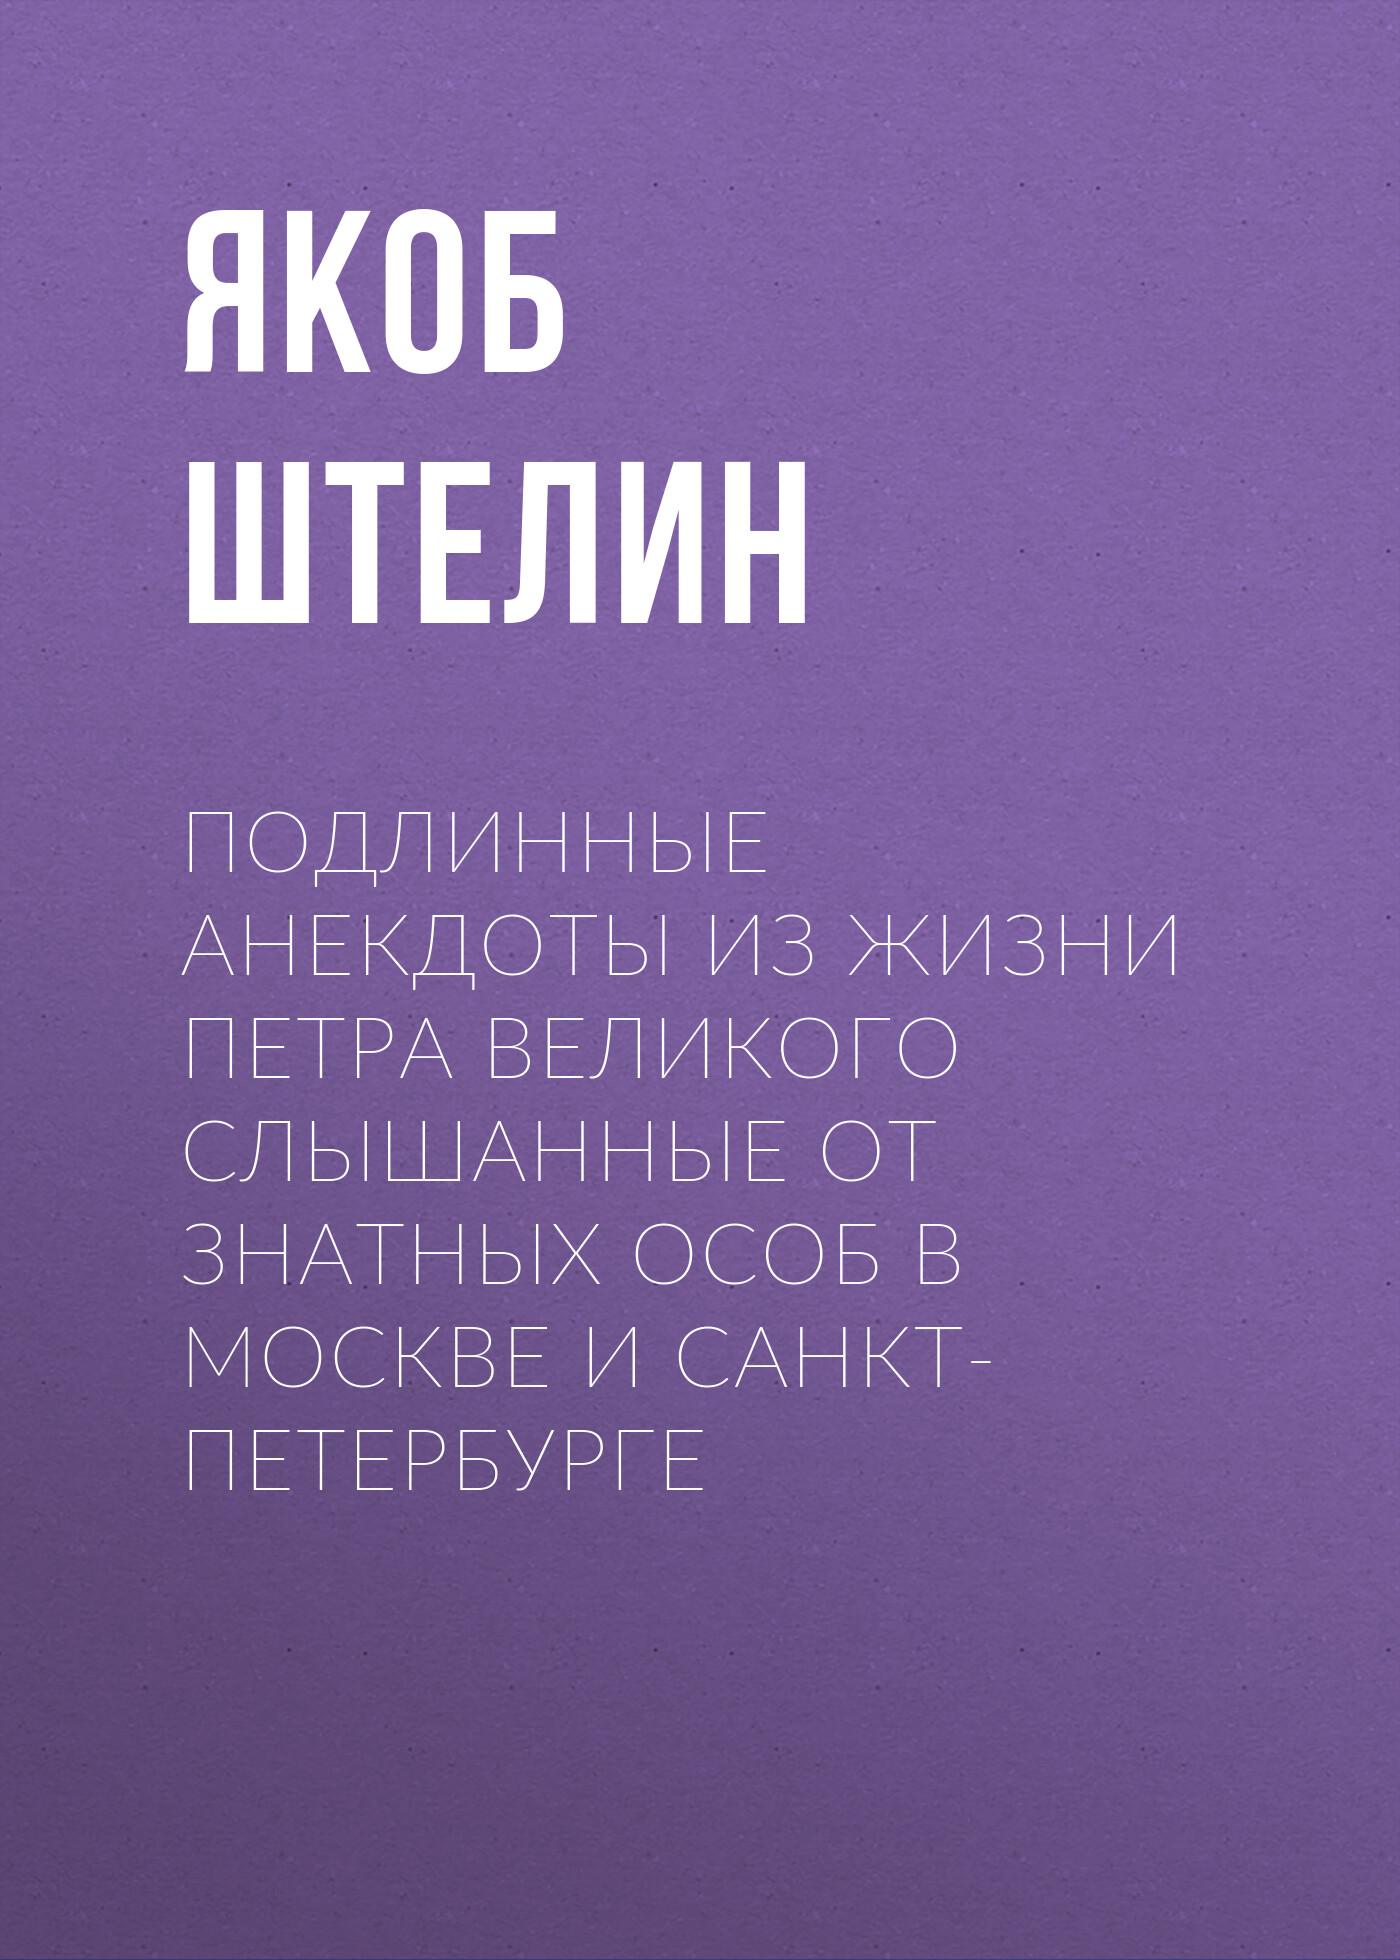 Купить книгу Подлинные анекдоты из жизни Петра Великого слышанные от знатных особ в Москве и Санкт-Петербурге, автора Якоба Штелина